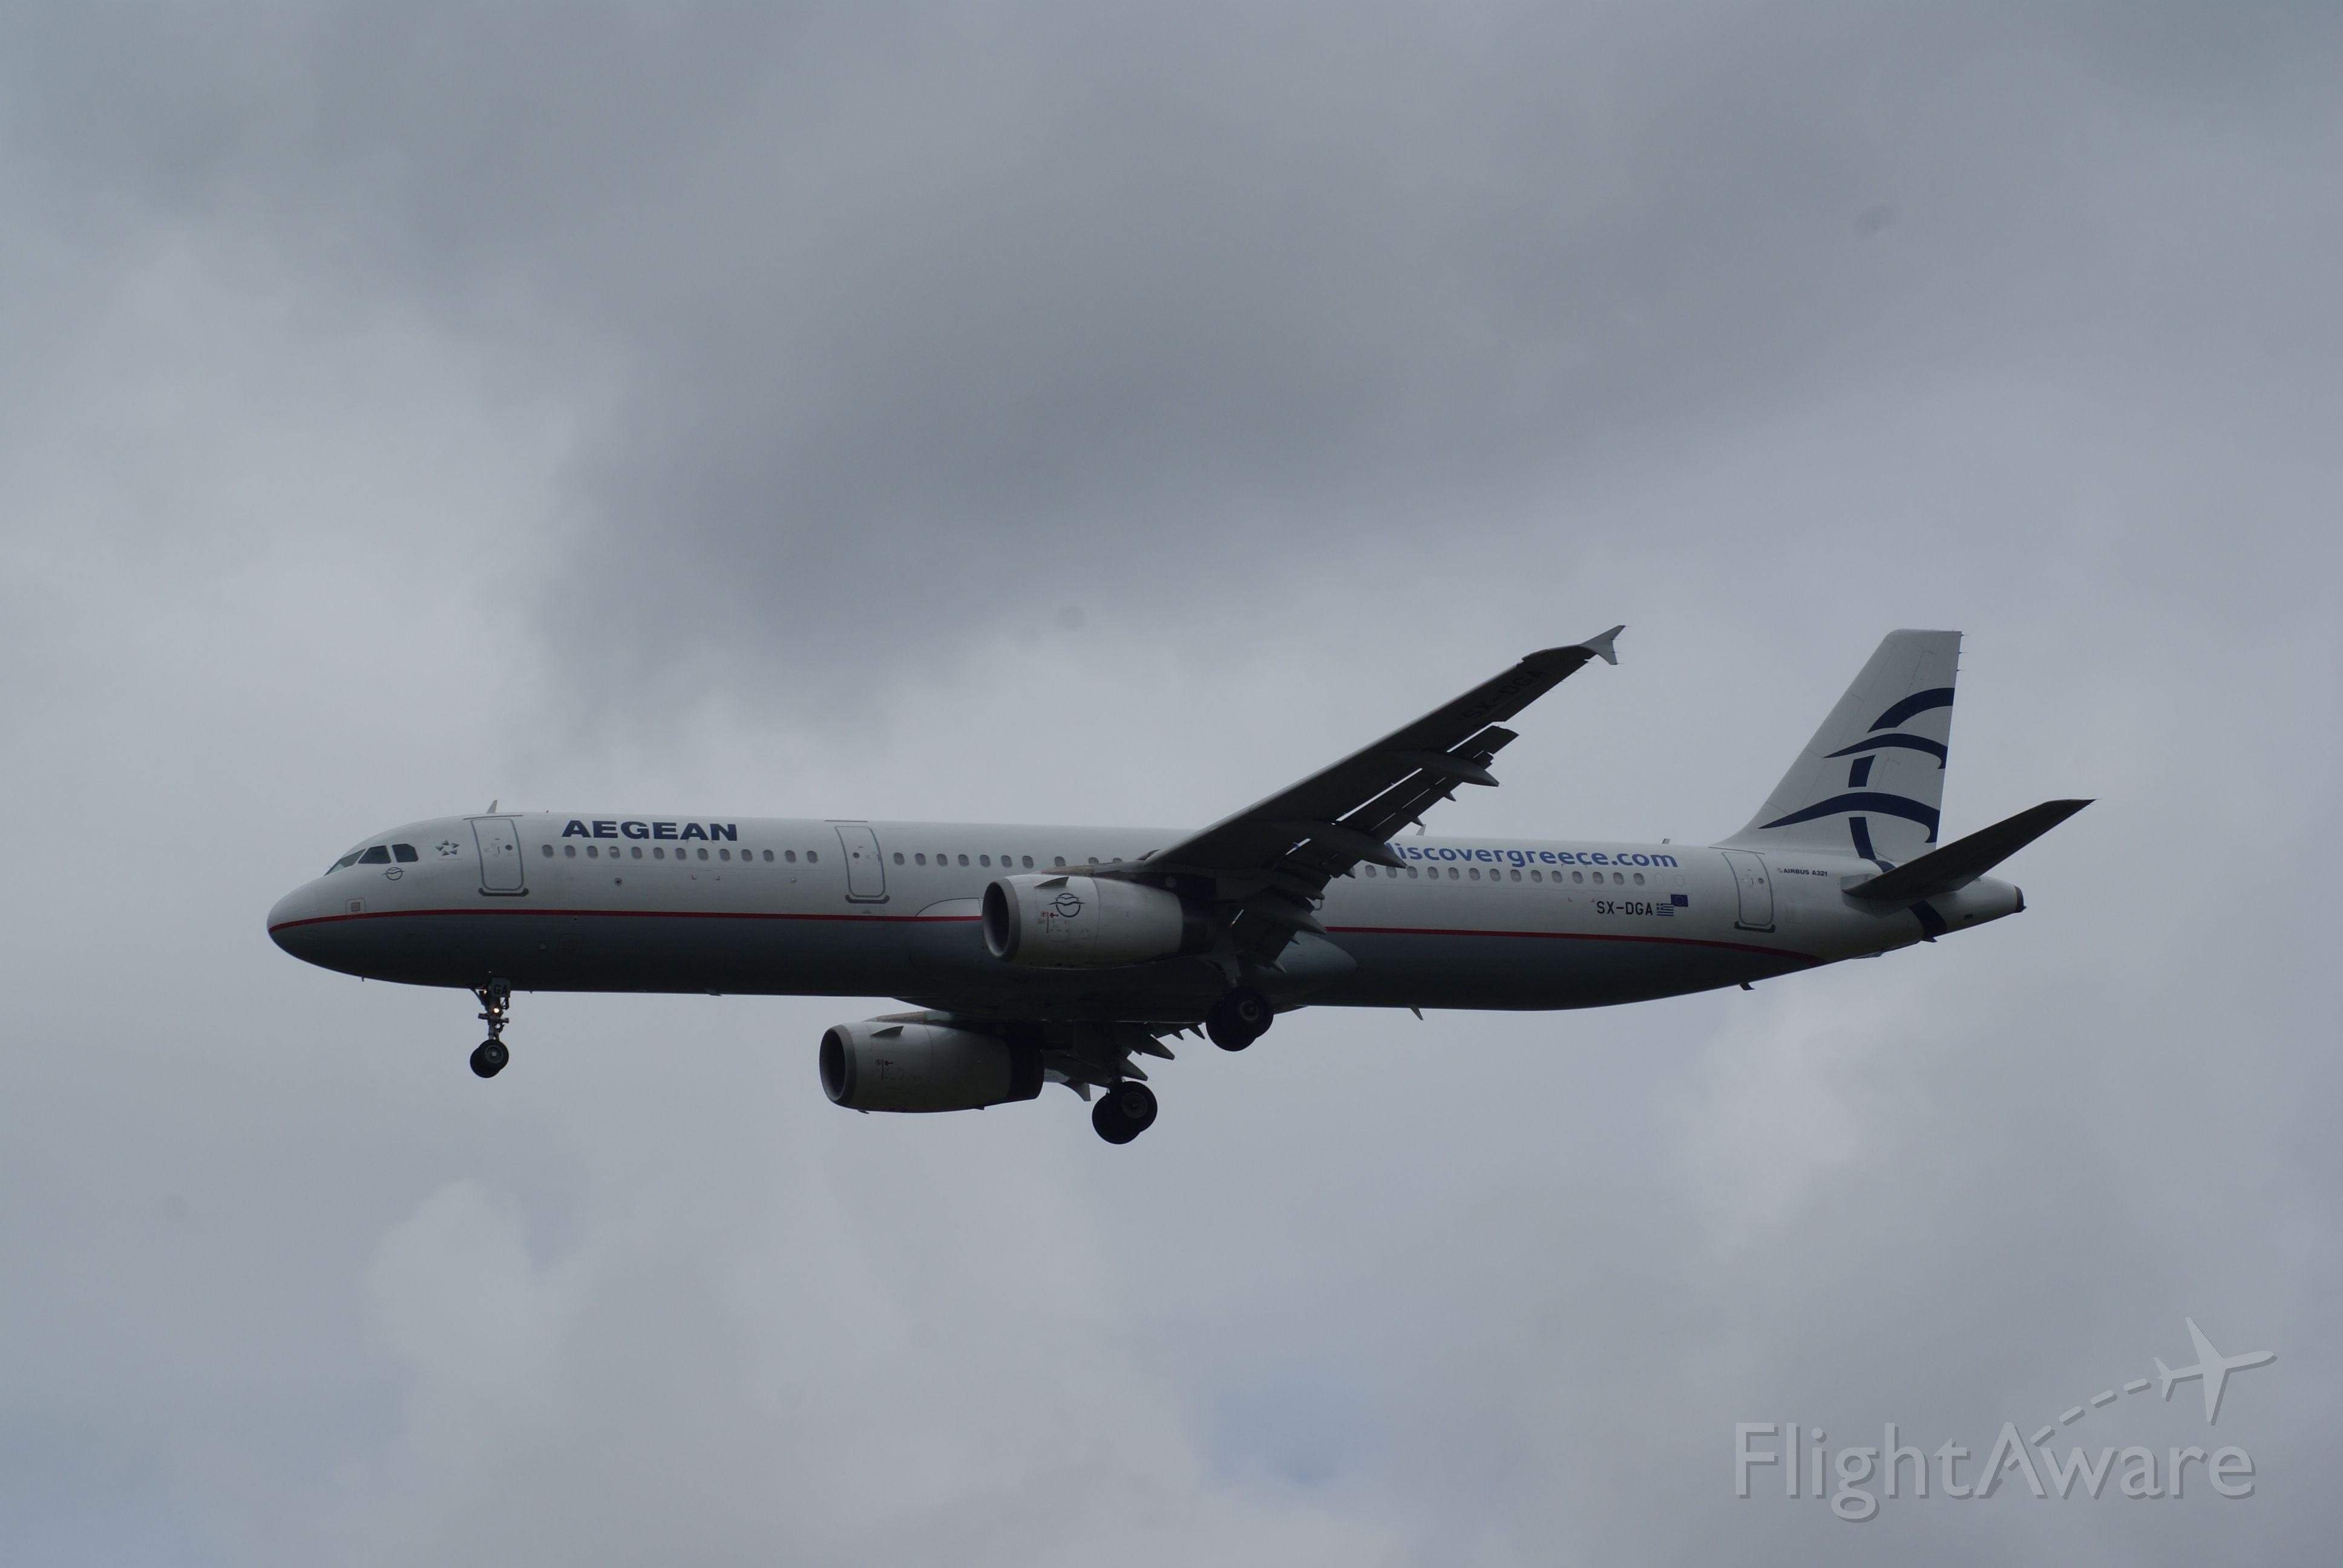 Airbus A321 (SX-DGA) - Arrival RWY27R LDN-HRW cn3878